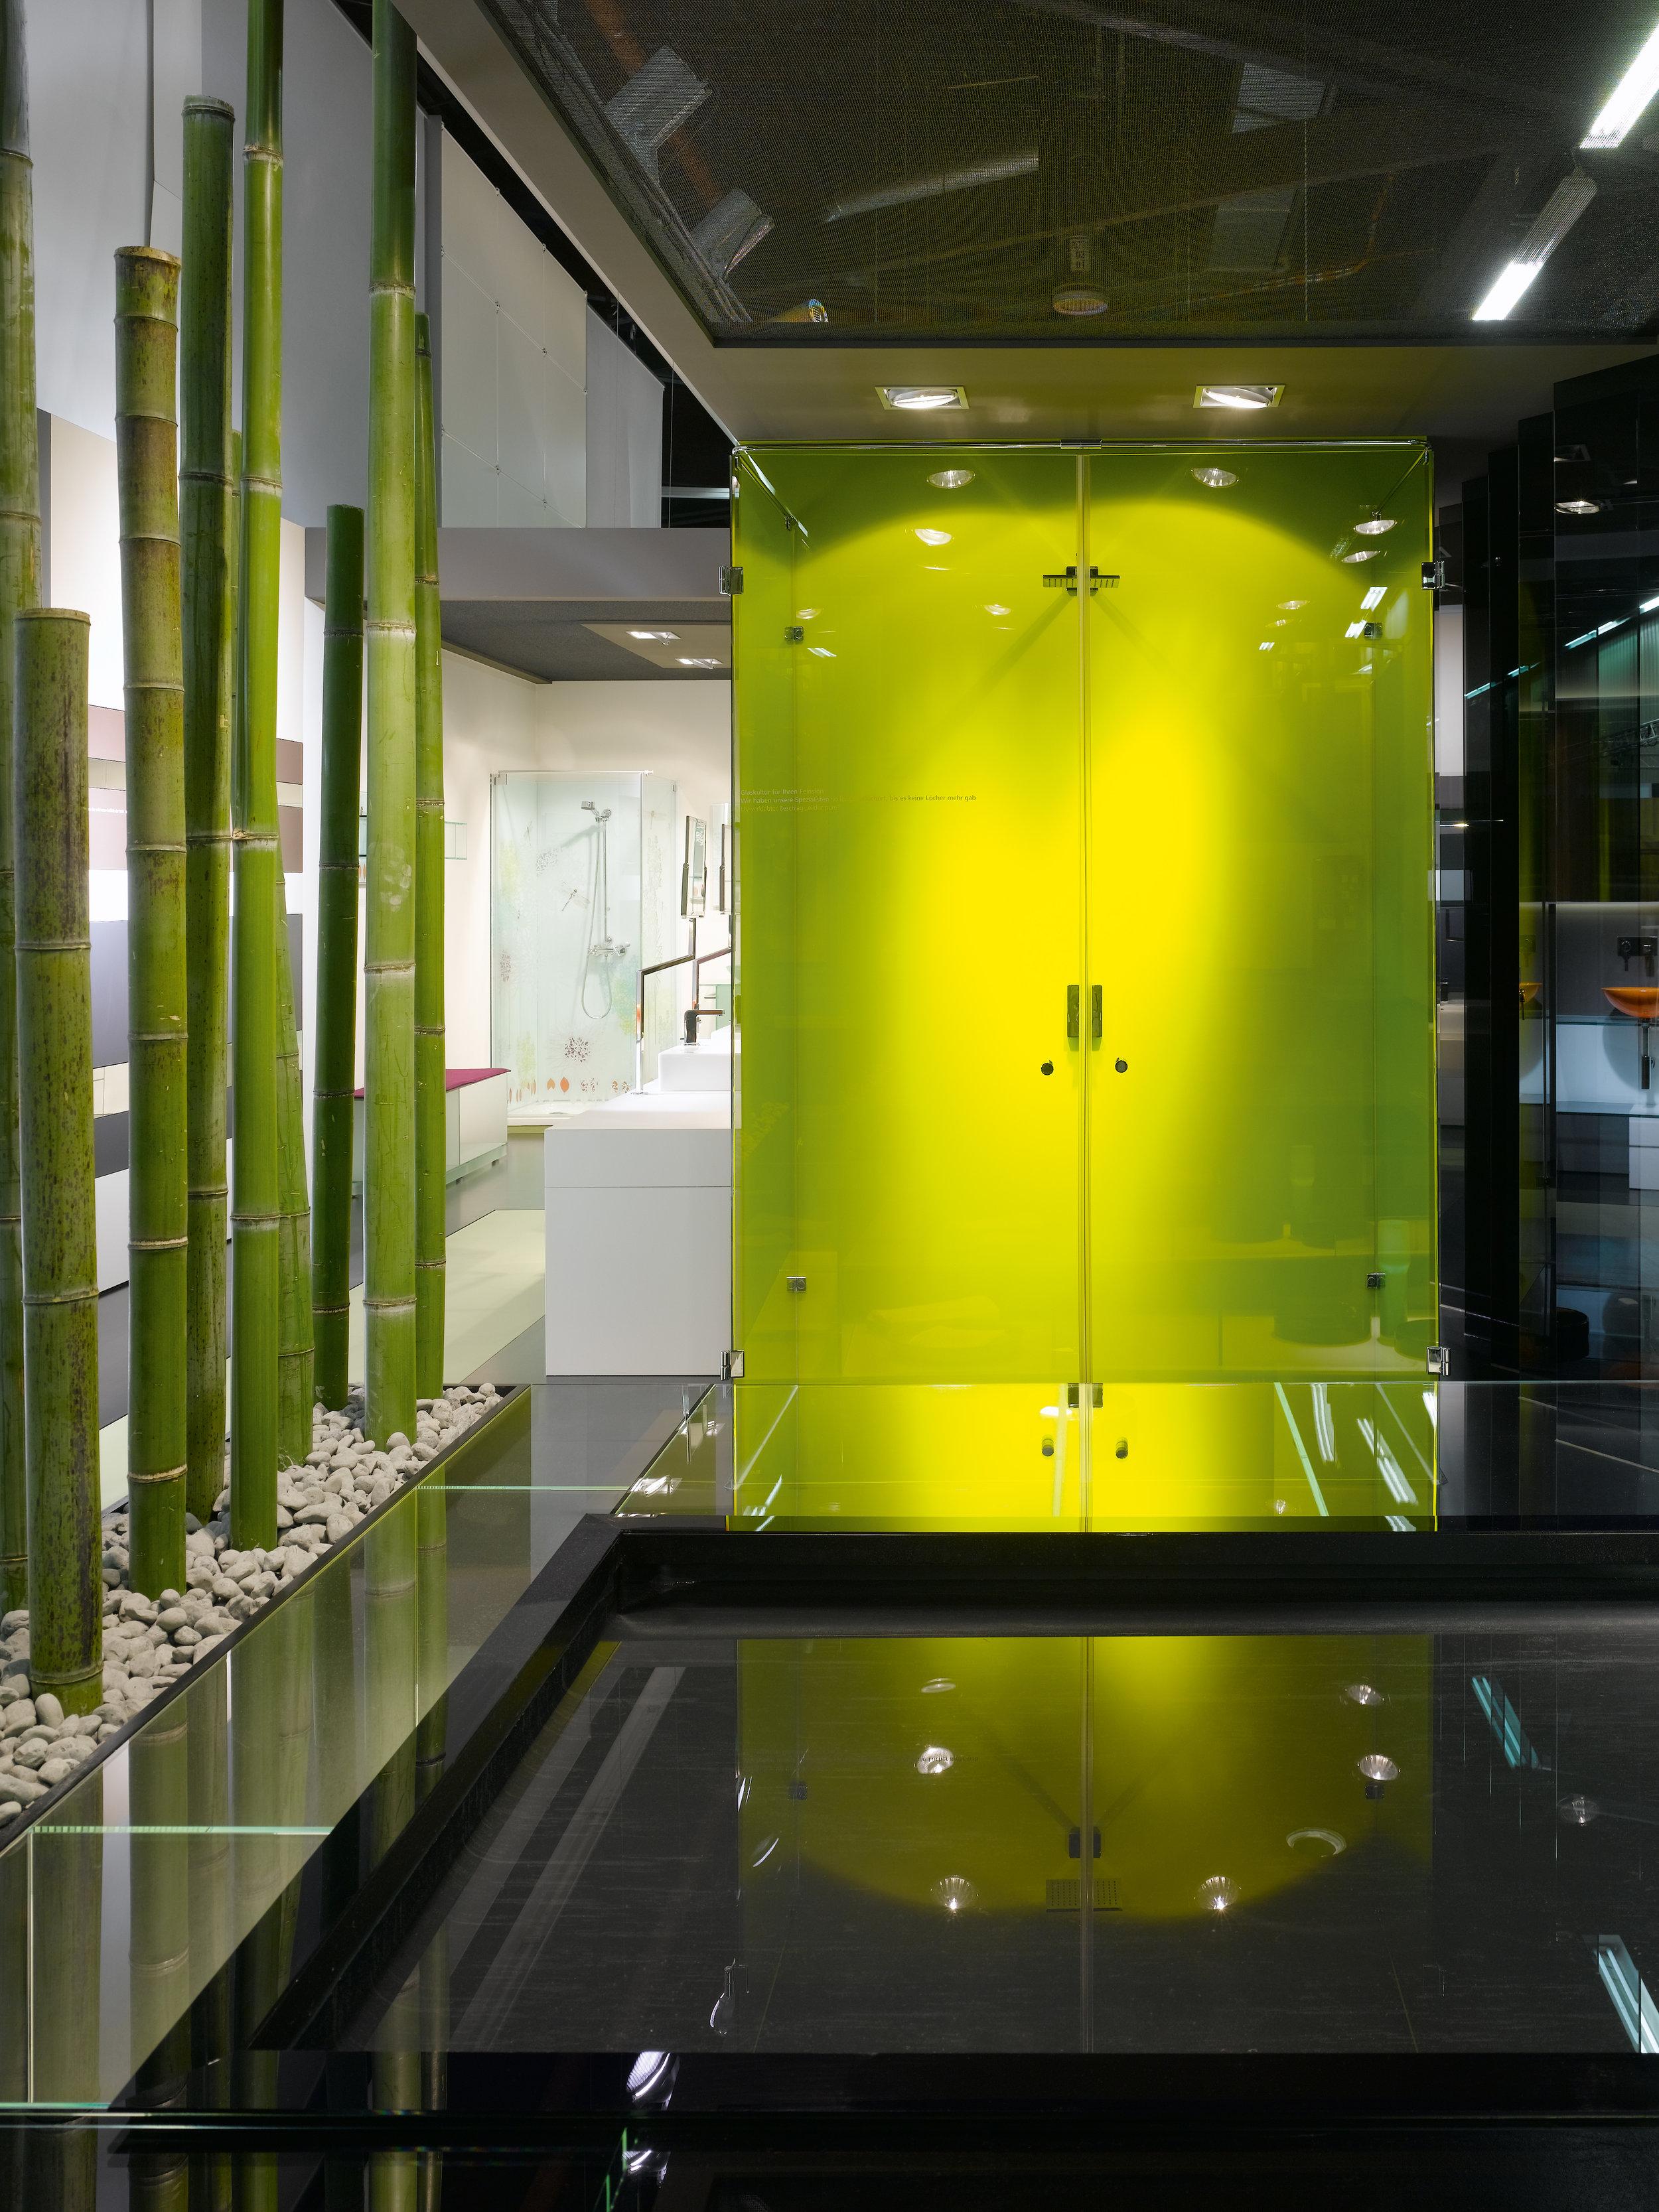 elidur glaskultur - seit über 30Jahren auf den Werkstoff Glas spezialisiert. -